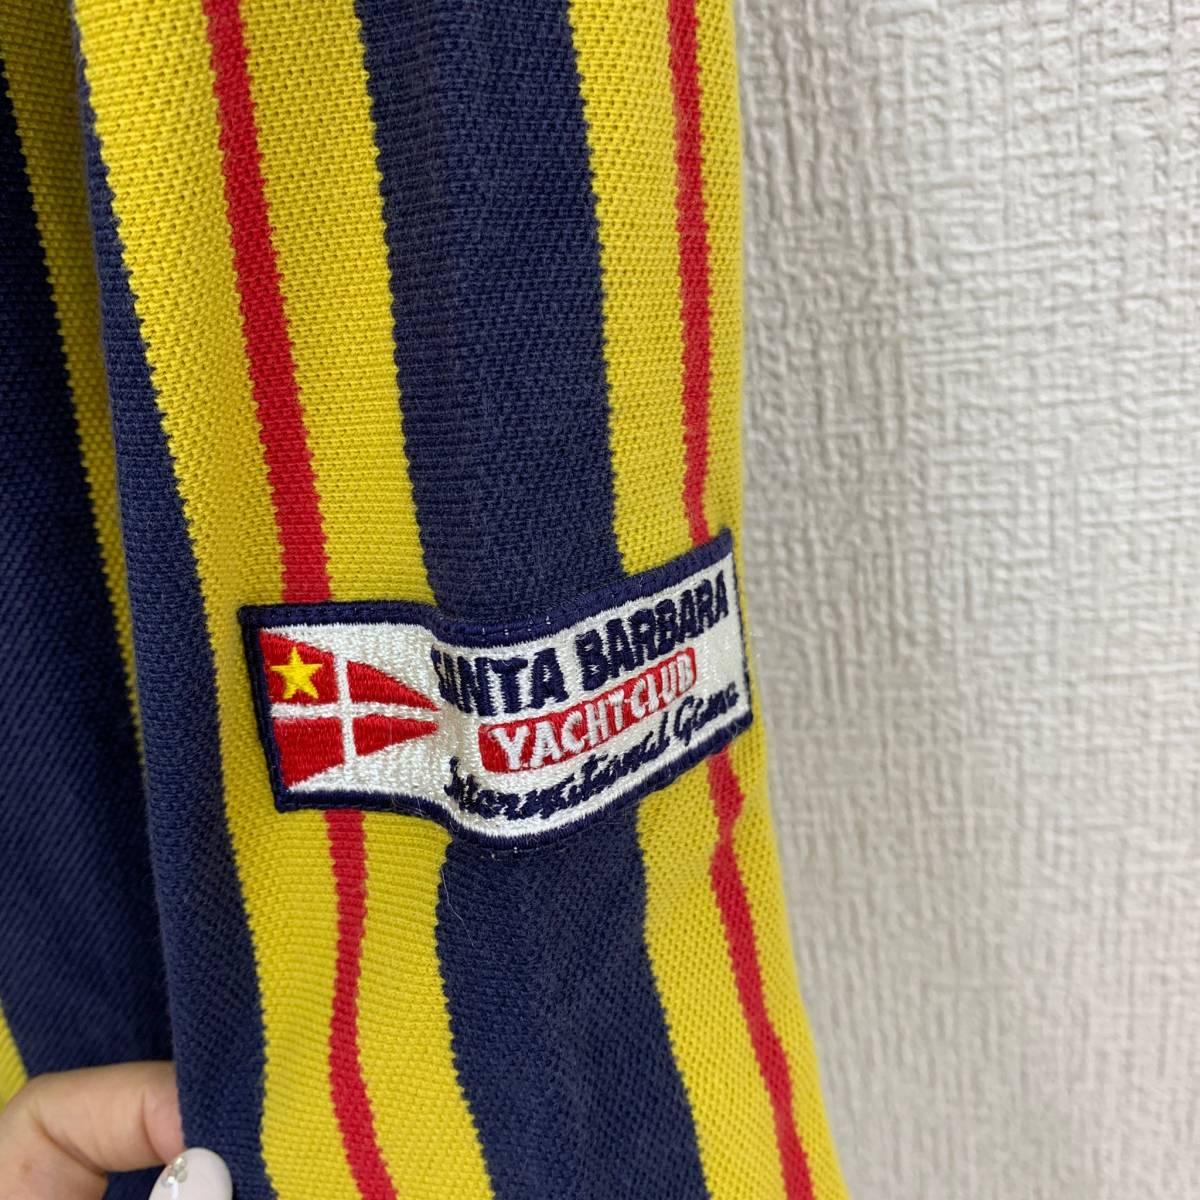 ストライプシャツ サンタバーバラ ヨットクラブ サイズL